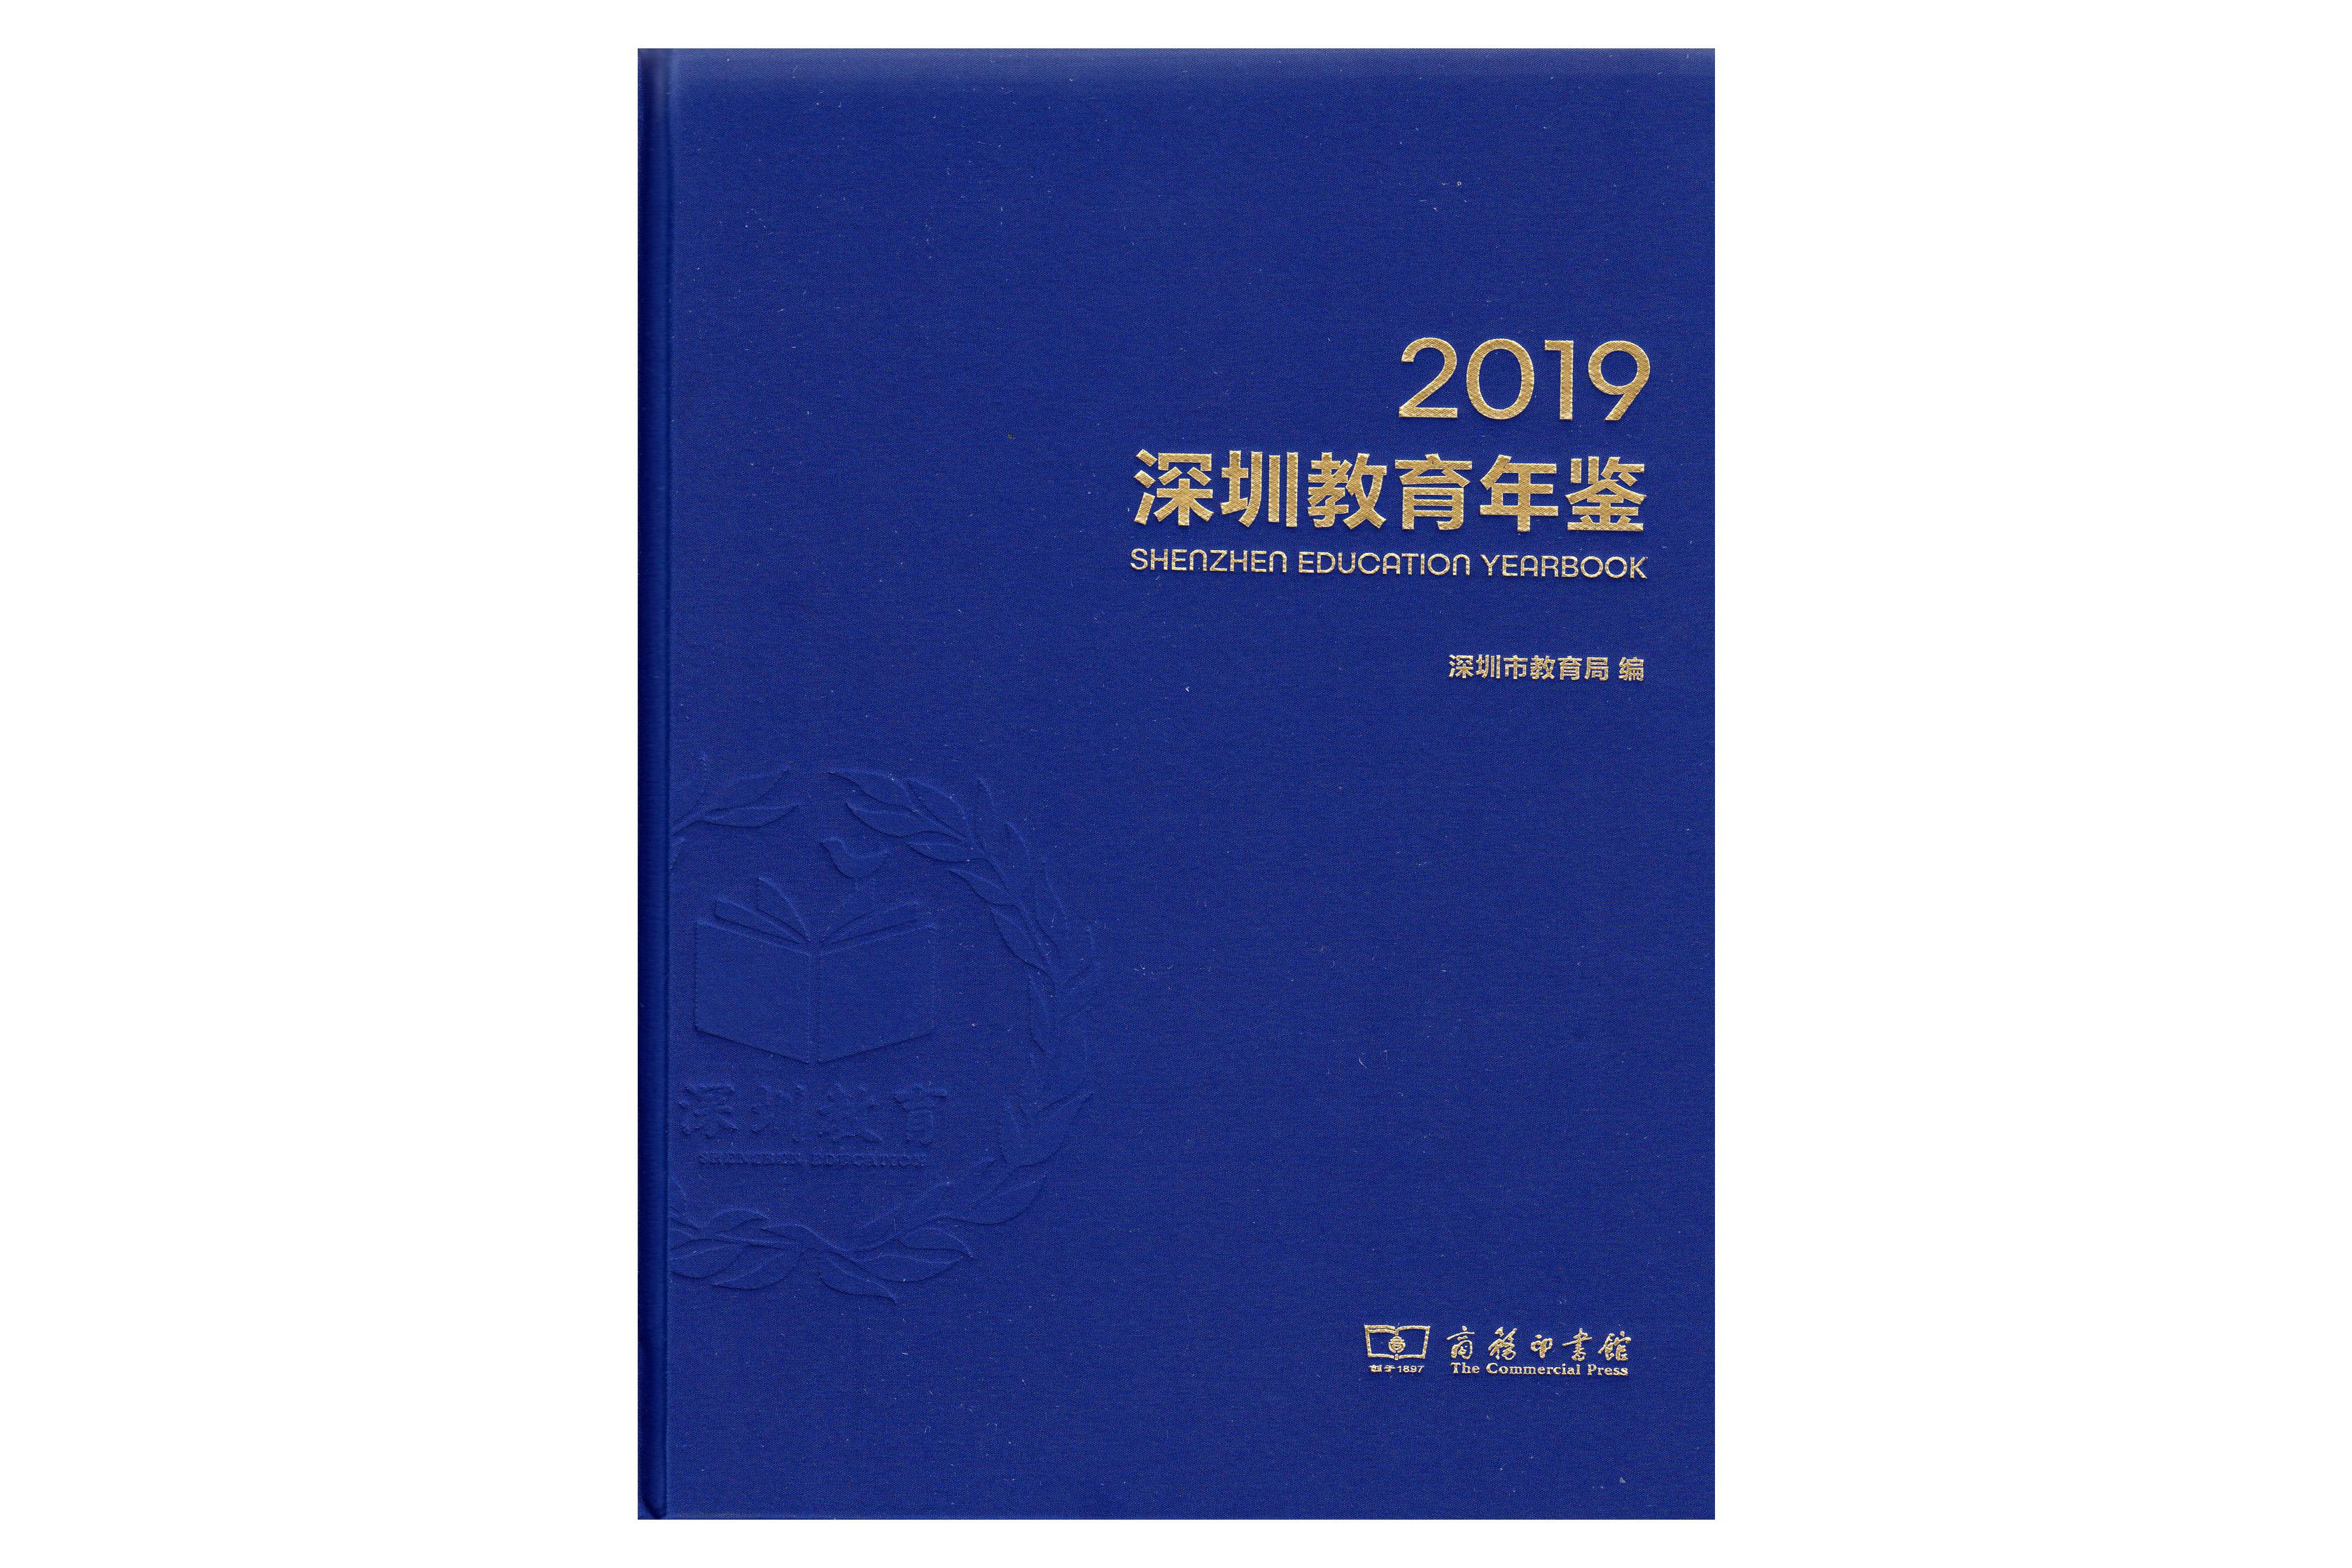 我院入刊《深圳教育年鉴(2019卷)》